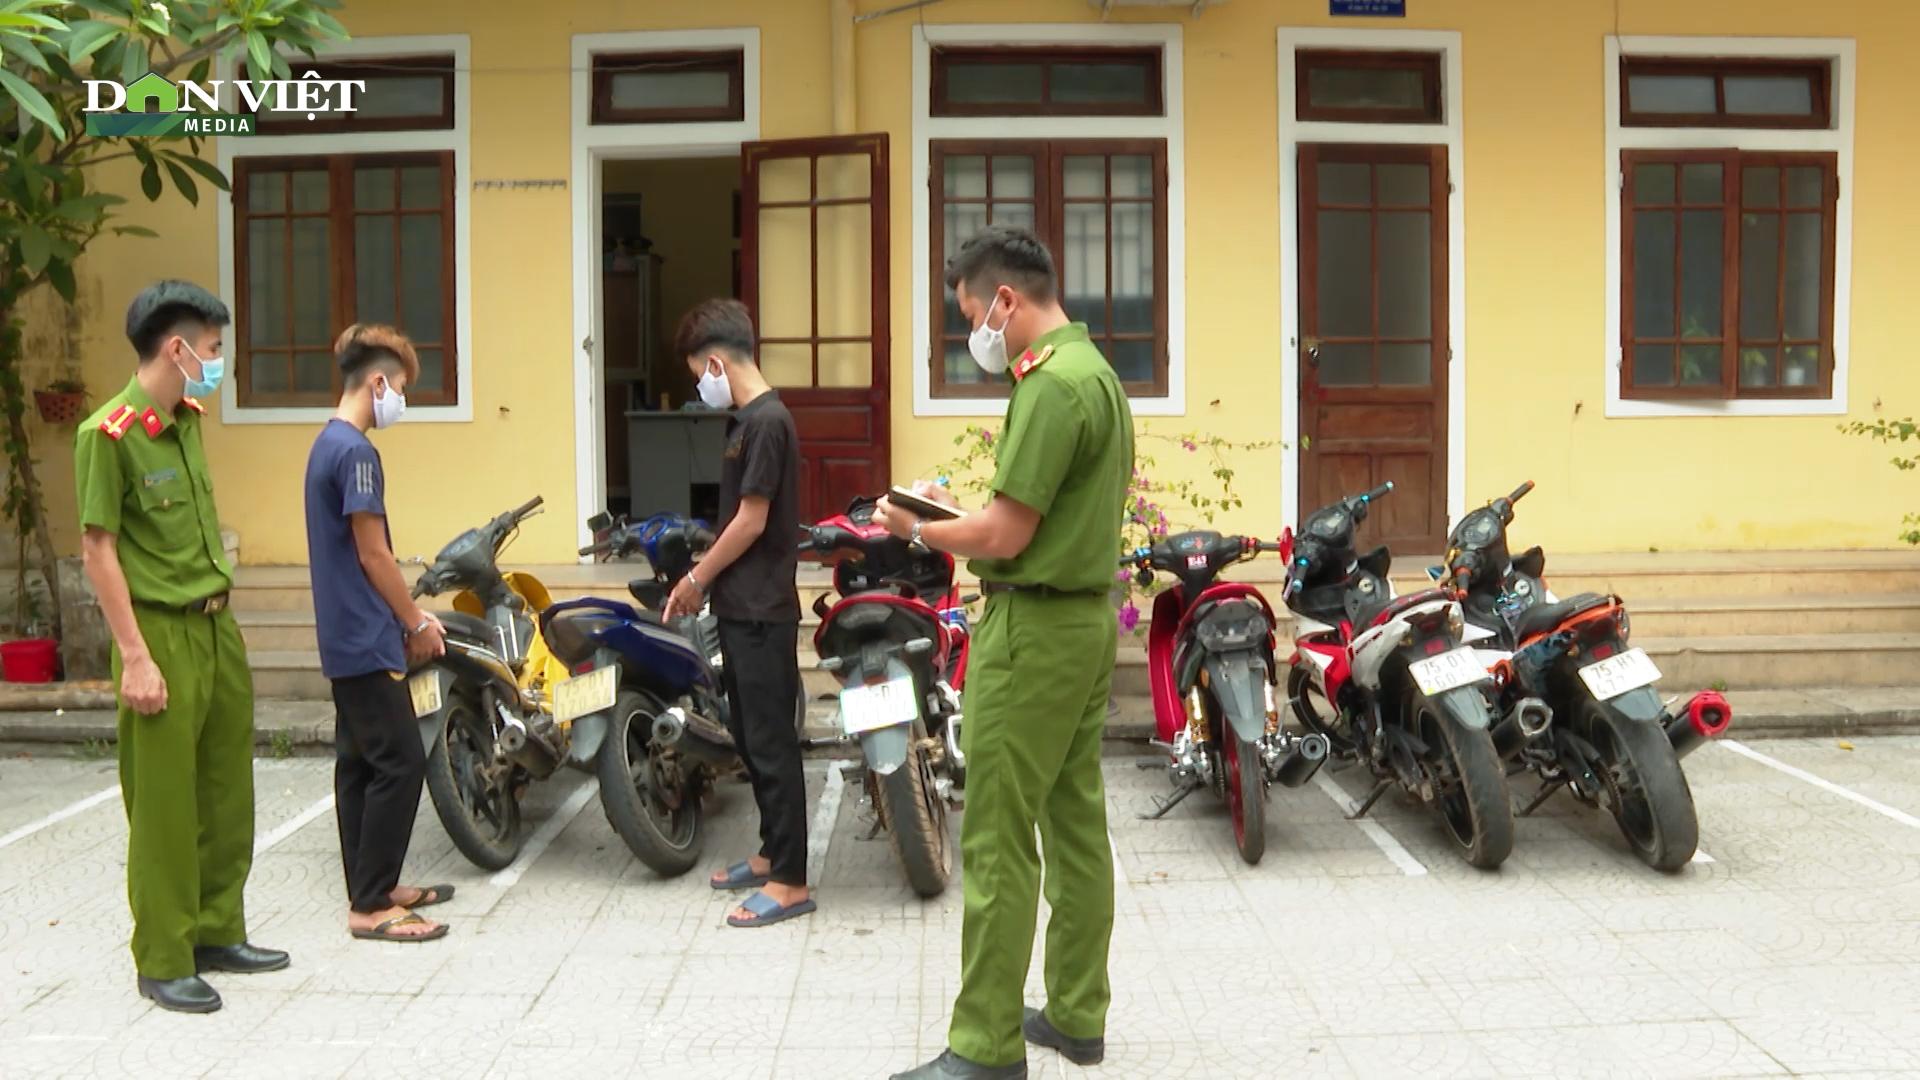 Video: Bắt hai thanh niên ở Thừa Thiên Huế thực hiện hàng loạt vụ trộm cắp tài sản - Ảnh 2.